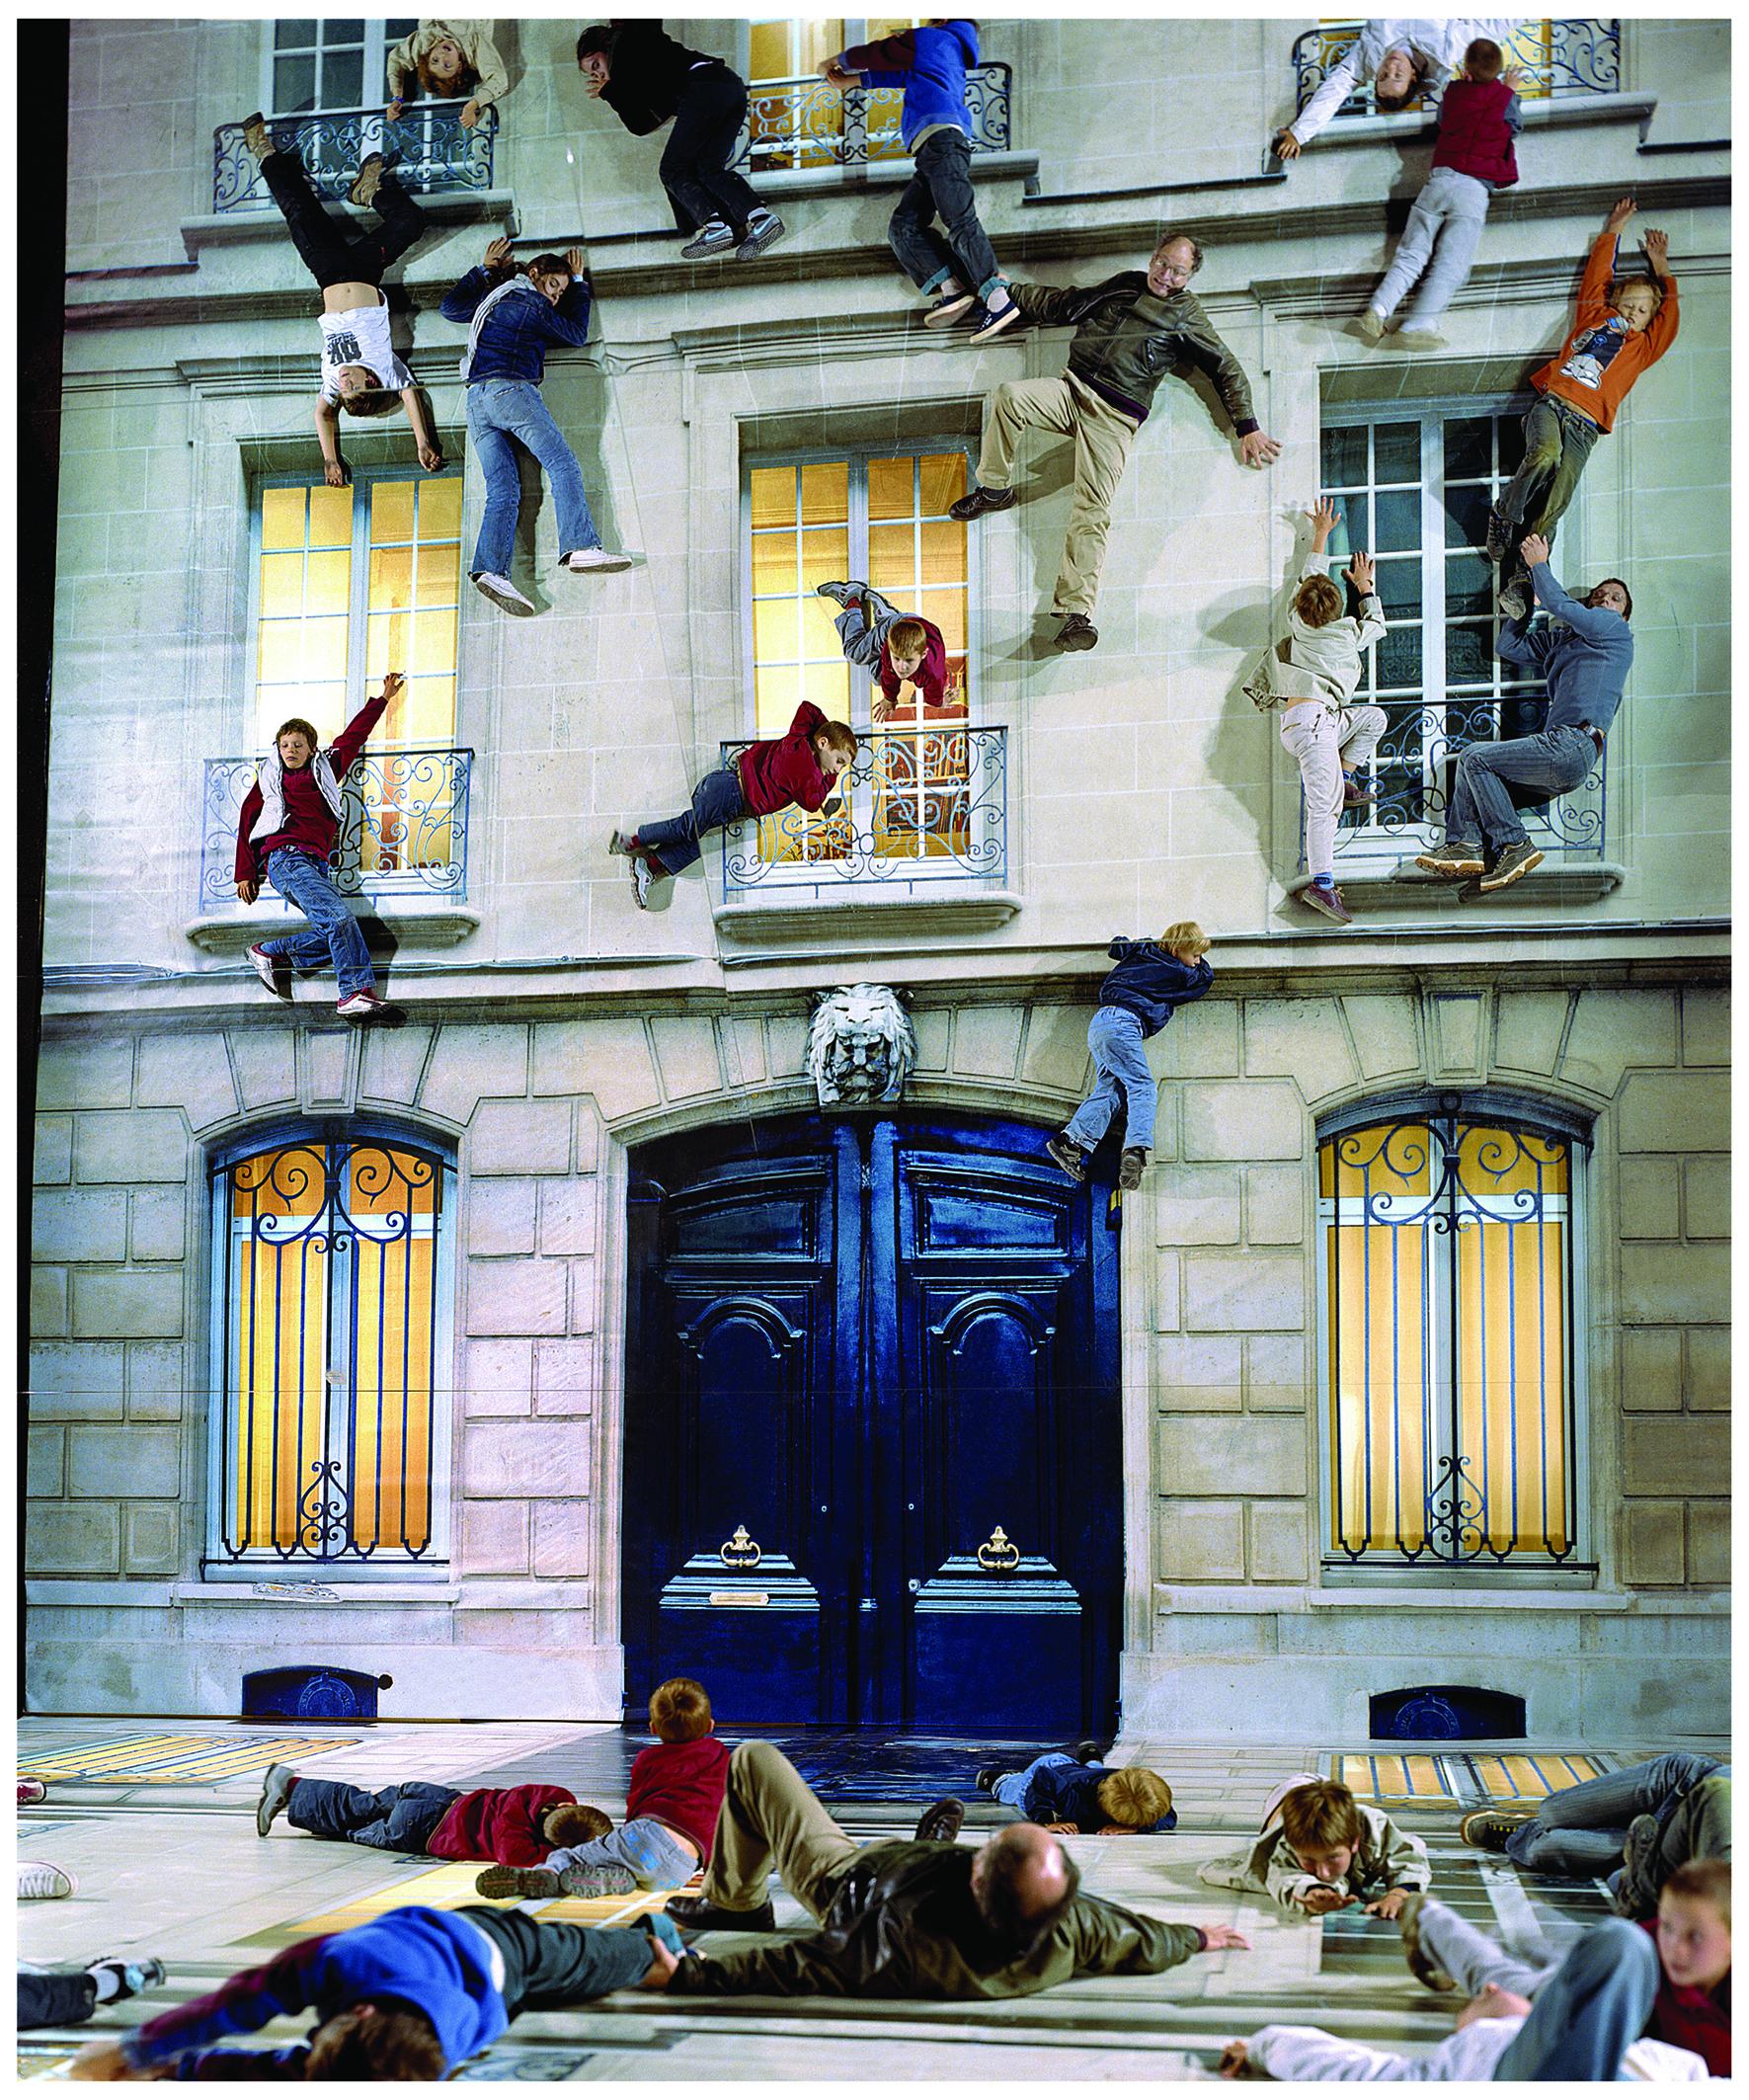 Btiment_2004_Nuit_Blanche_Paris_France__Leandro_Erlich_Batiment_Leandro_Erlich_Studio (2)